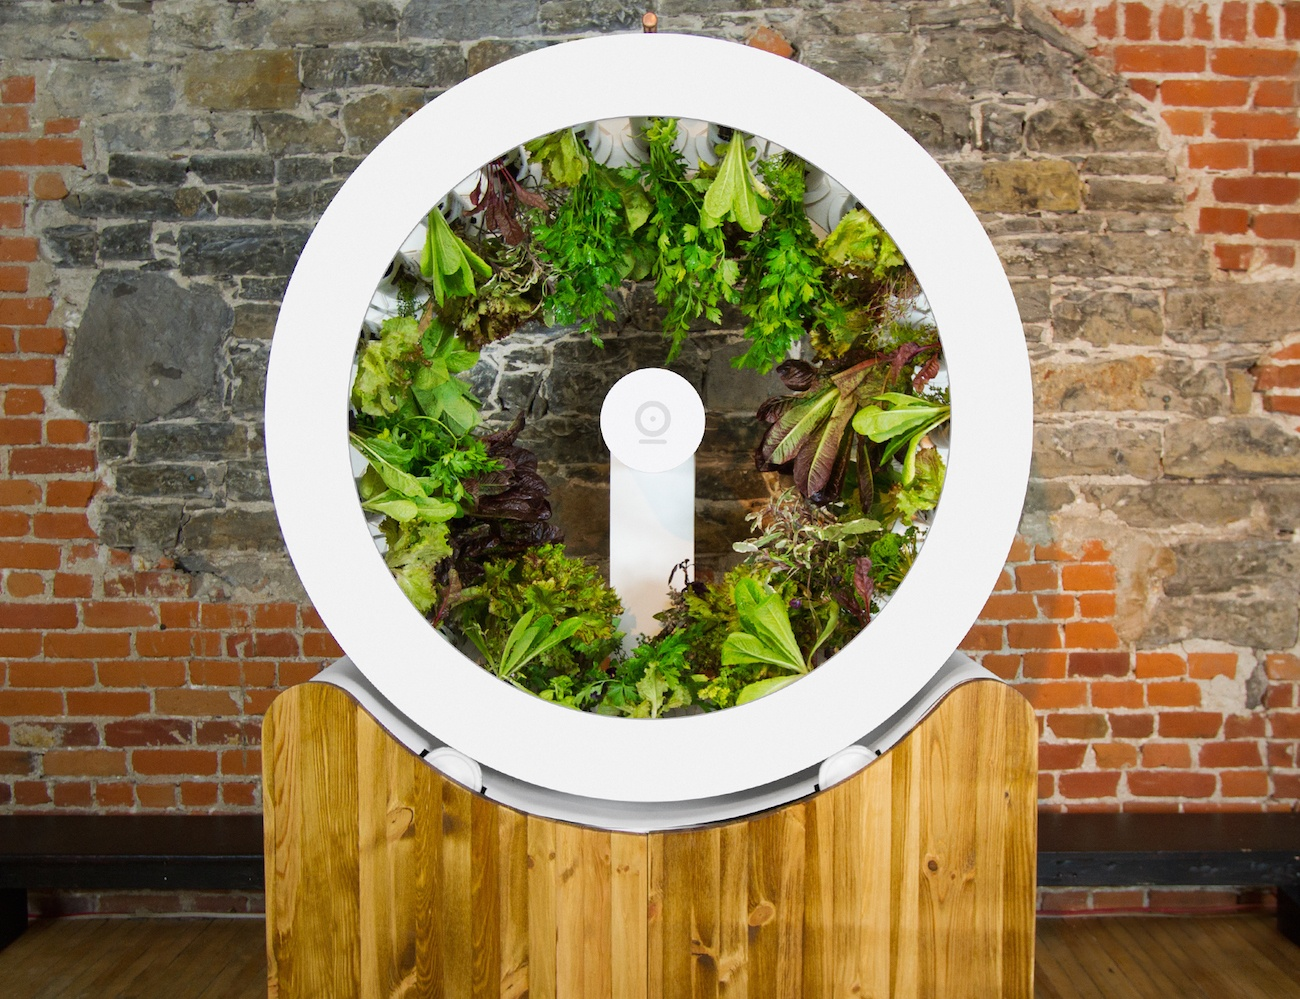 OGarden – Automatic Indoor Garden